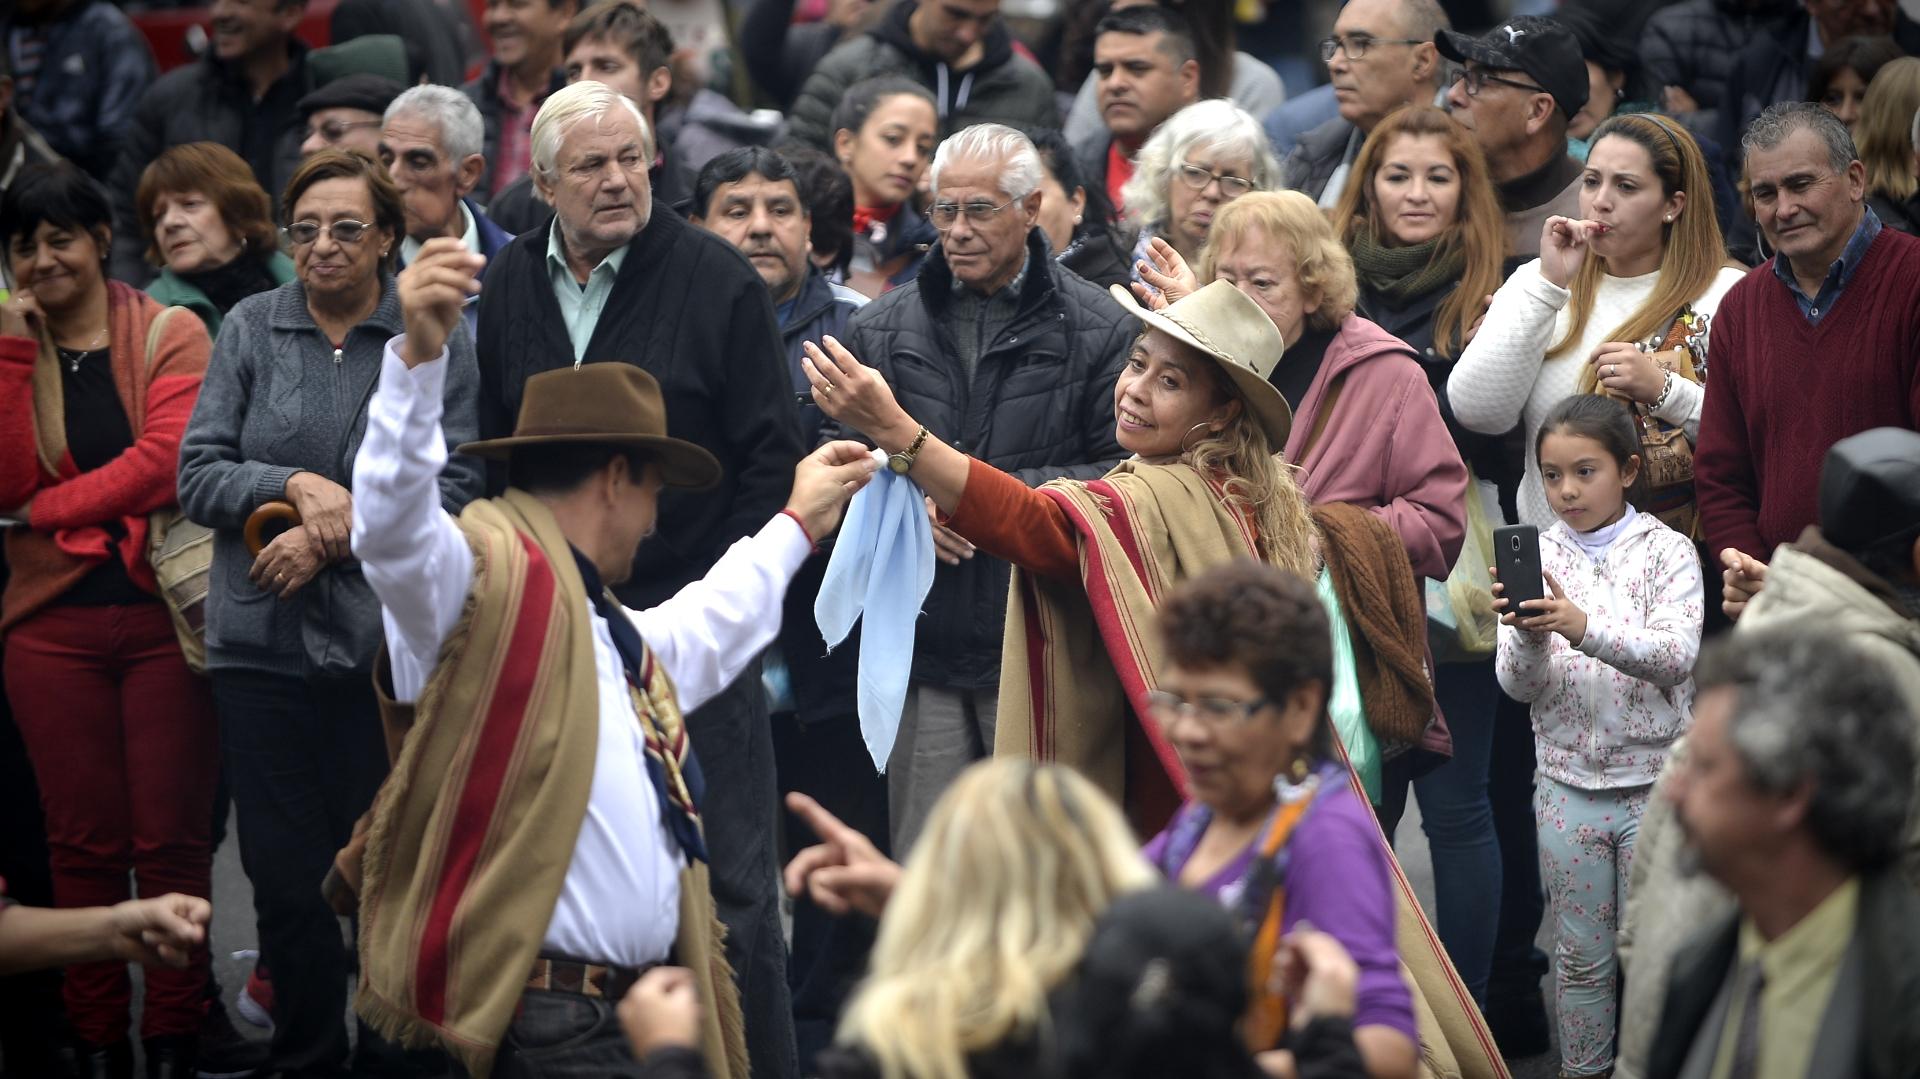 La gente bailó en diferentes lugares de la feria durante la jornada festiva